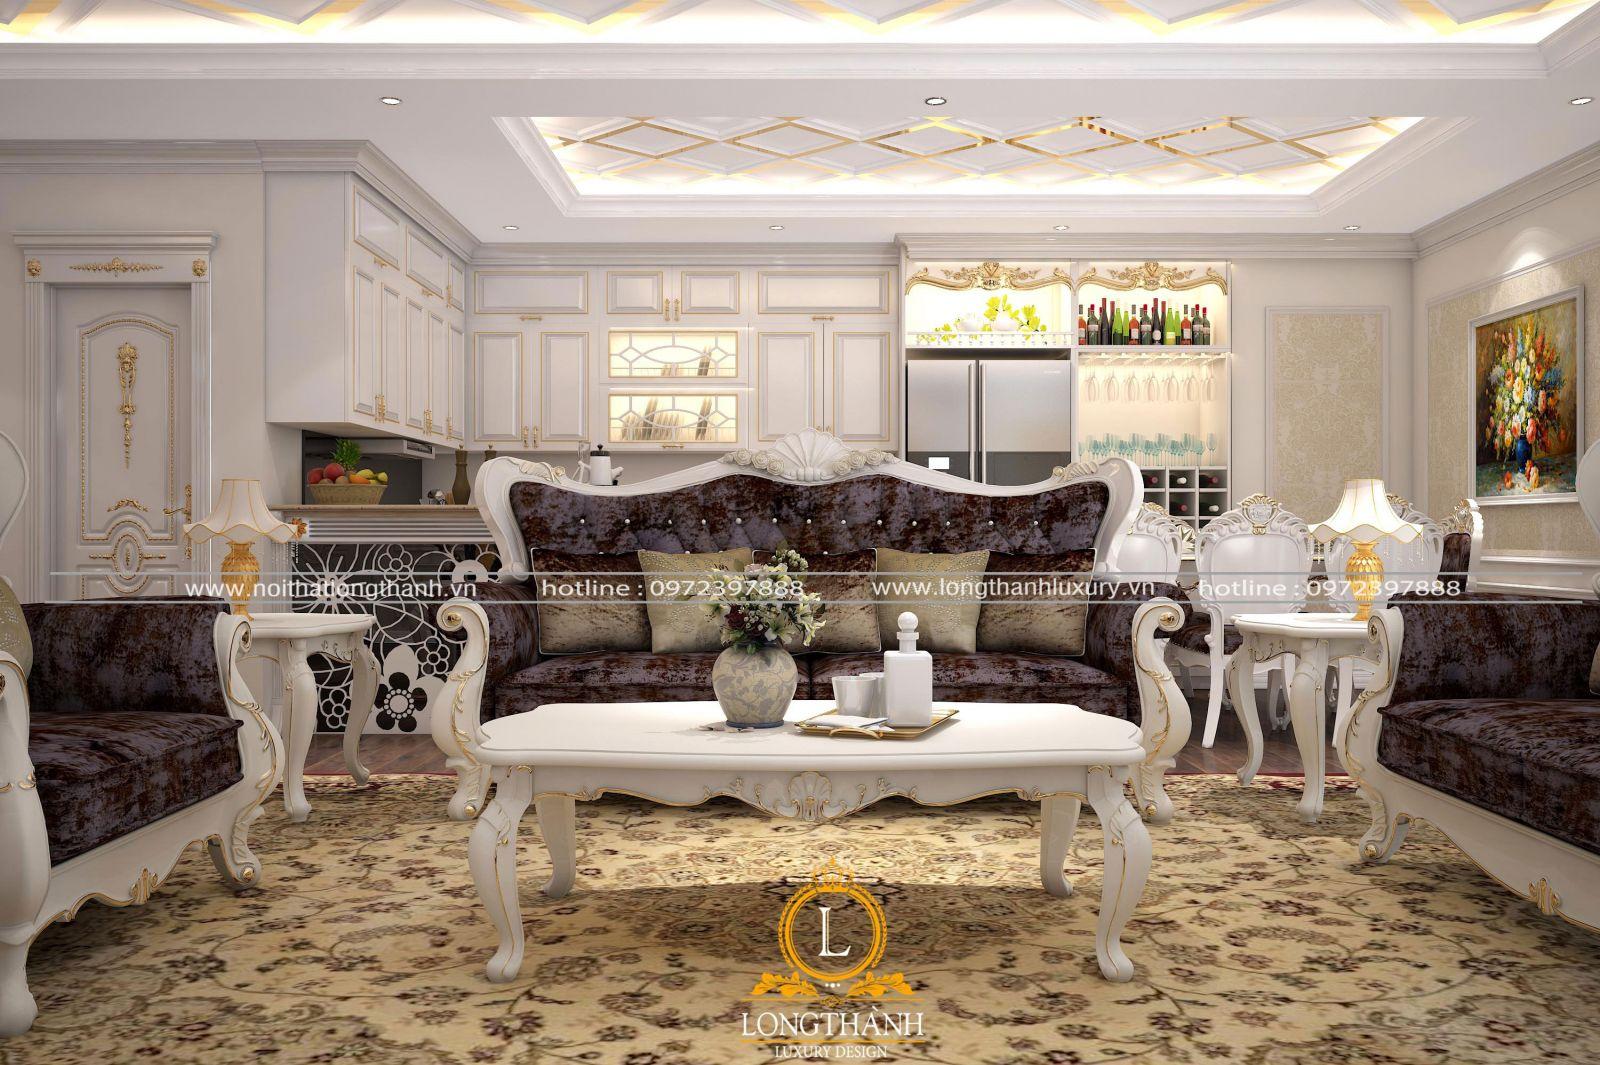 Mẫu phòng khách tân cổ điển LT22